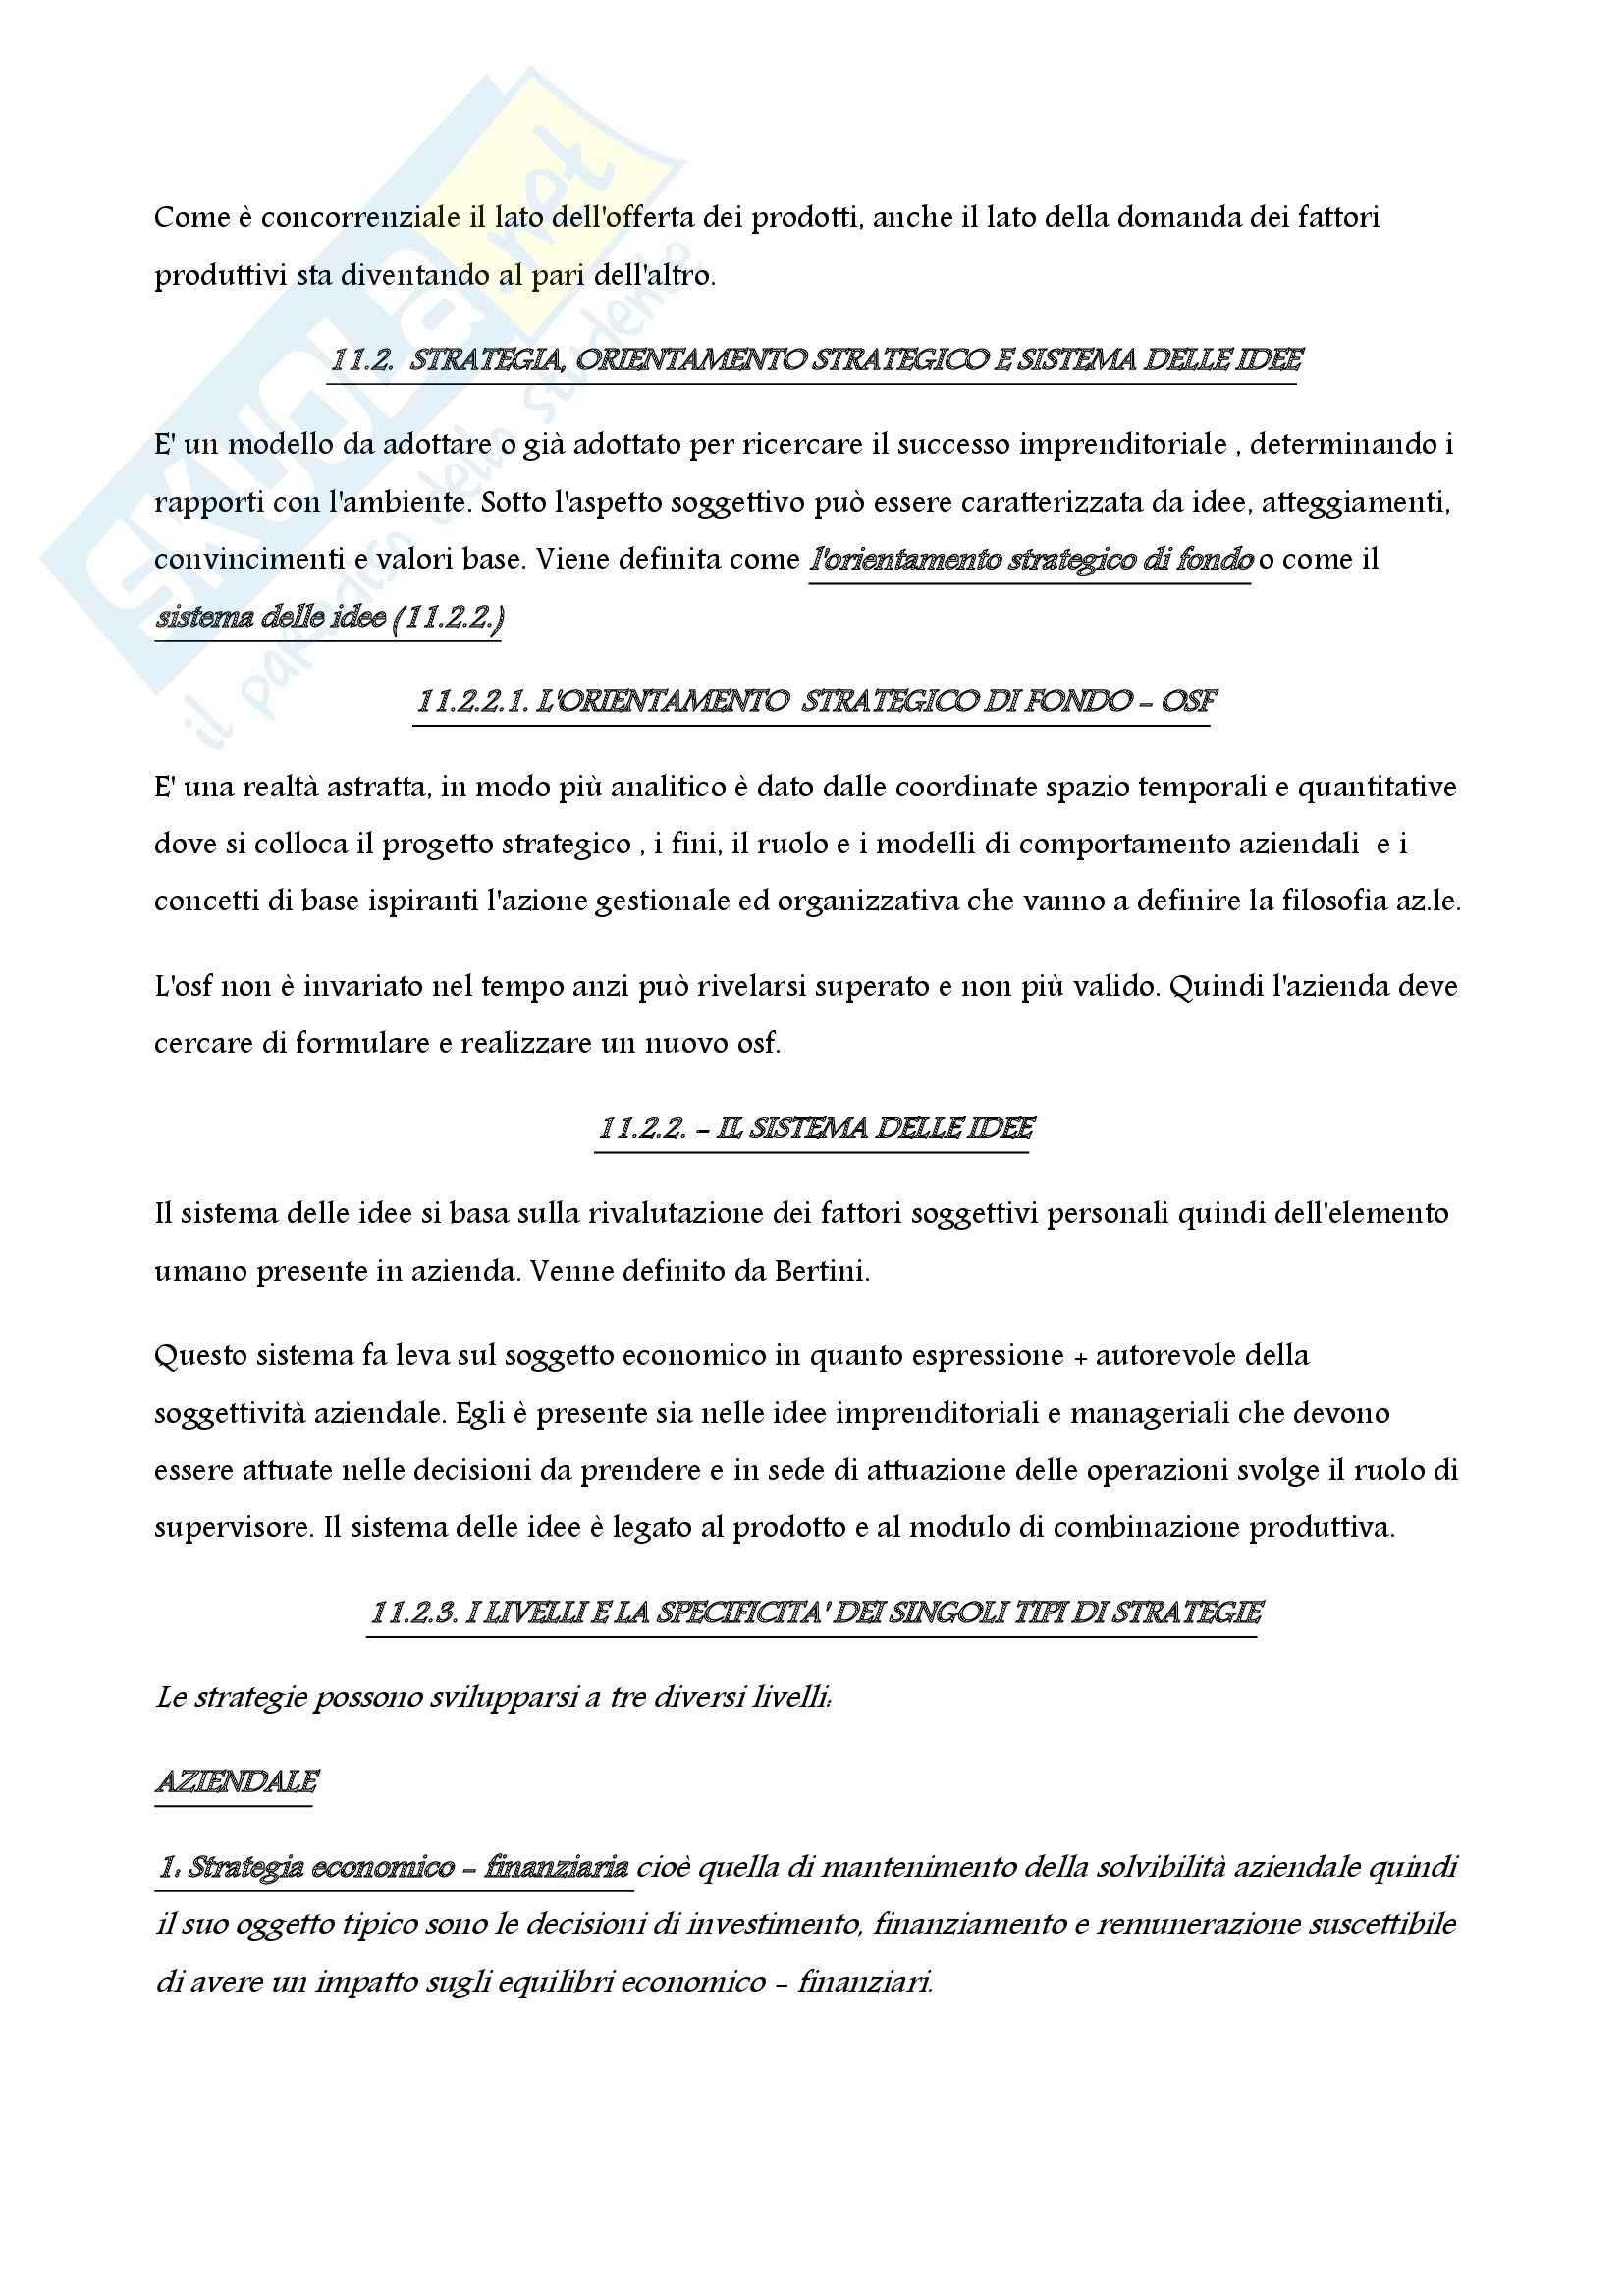 Economia aziendale - impresa e ambiente Pag. 2